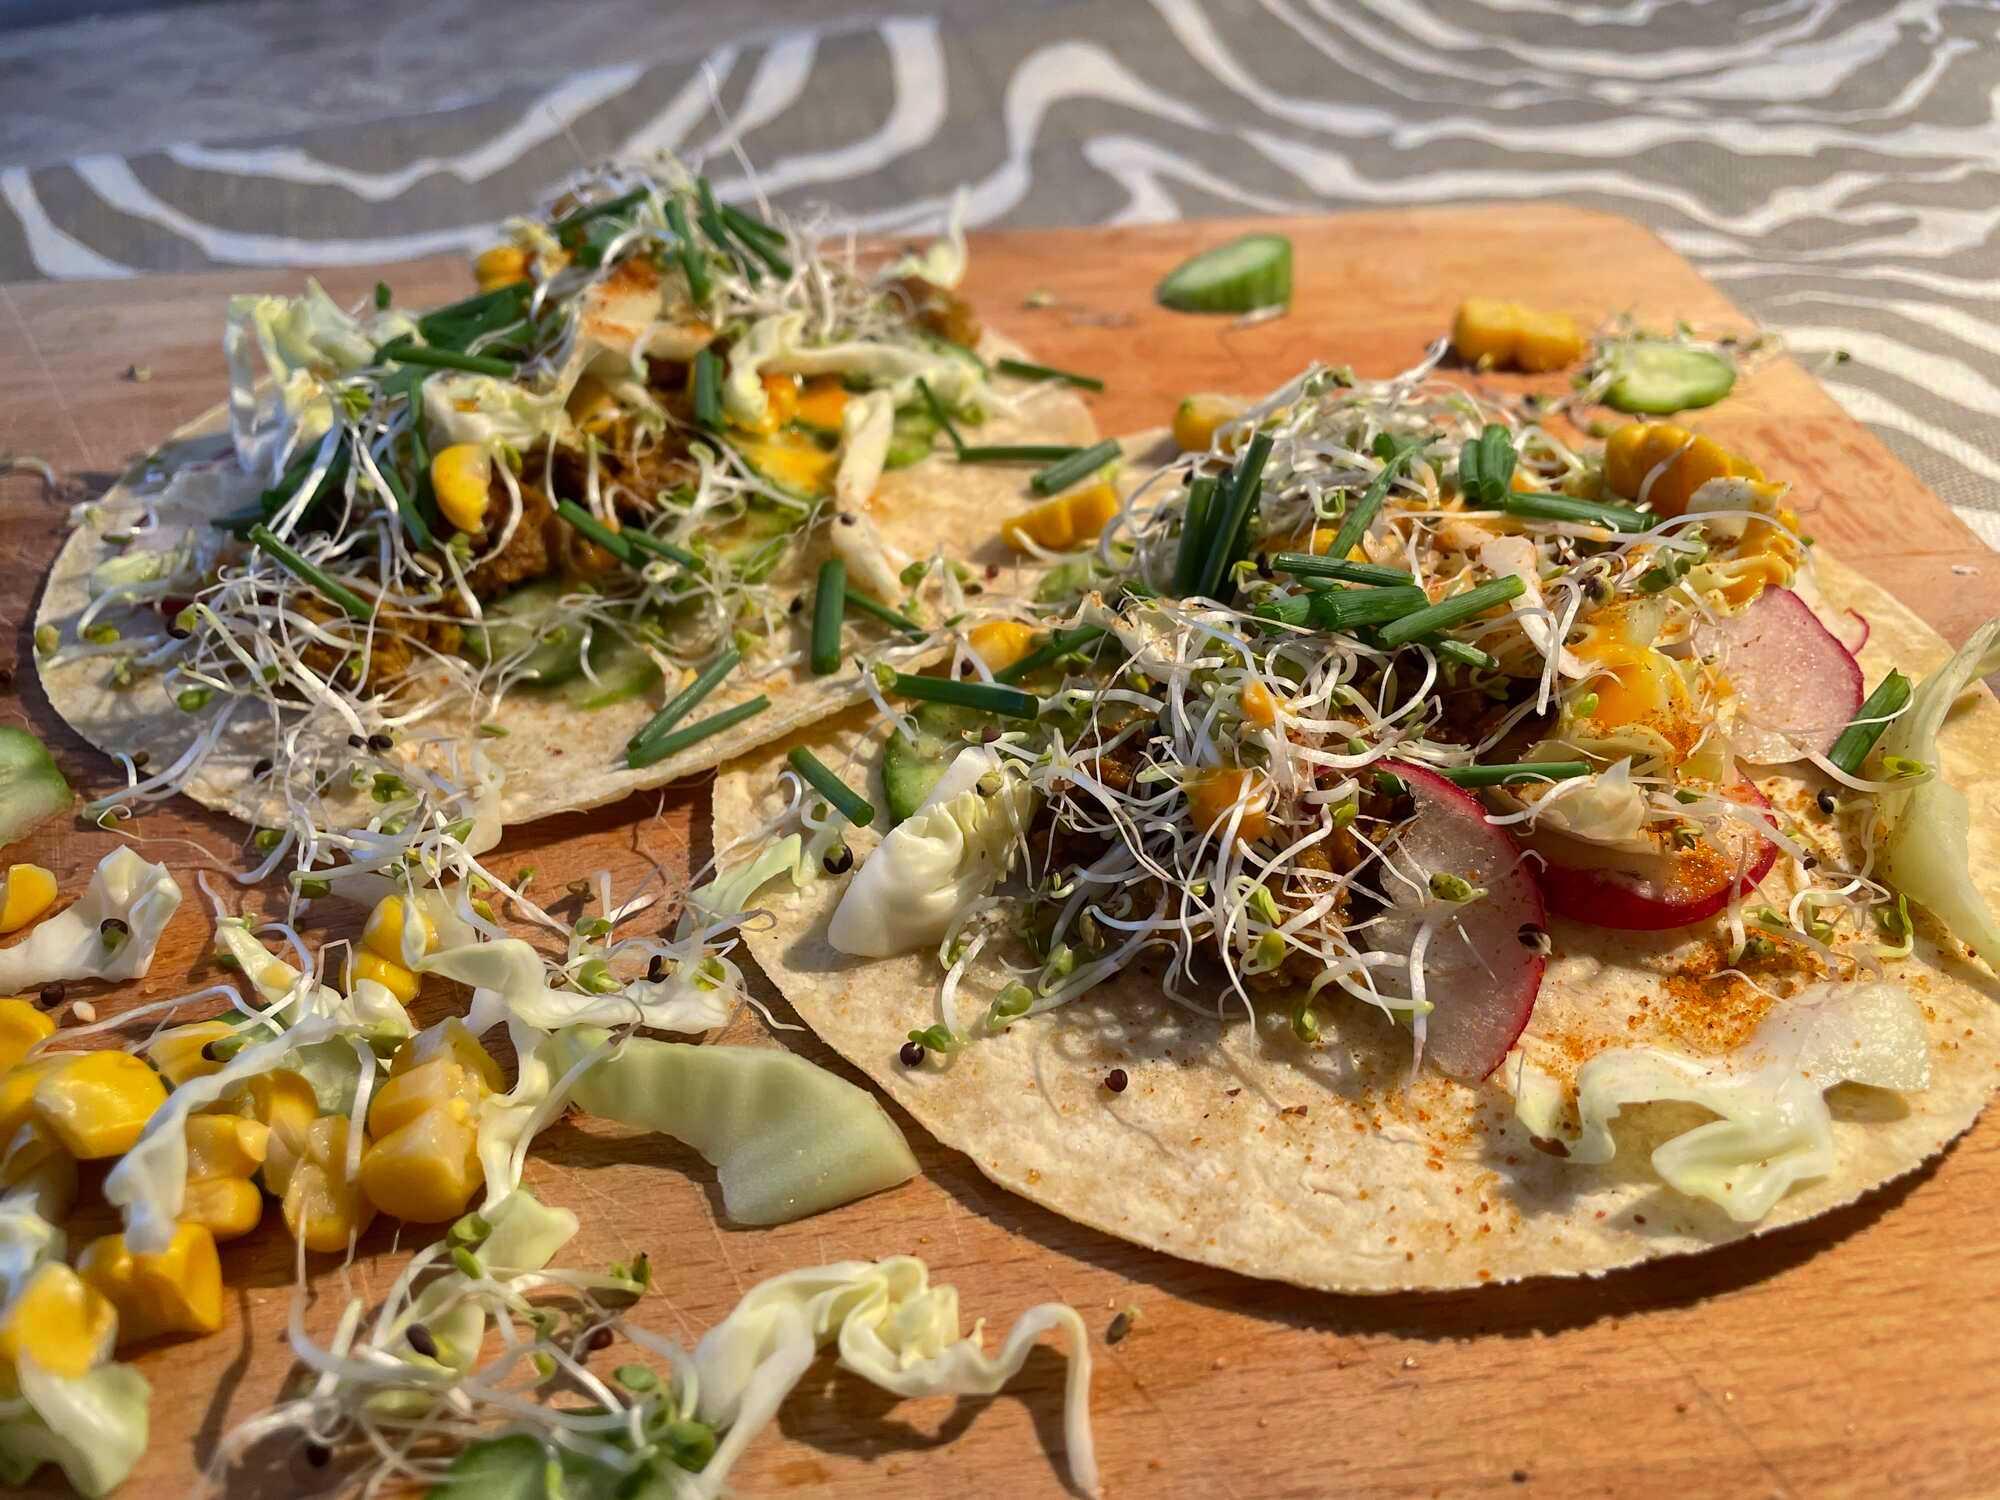 Sur un plat couleur orange, deux beaux tacos non pliés sont garnies des différents ingrédients dont les gros morceaux de concombres et le tofu.